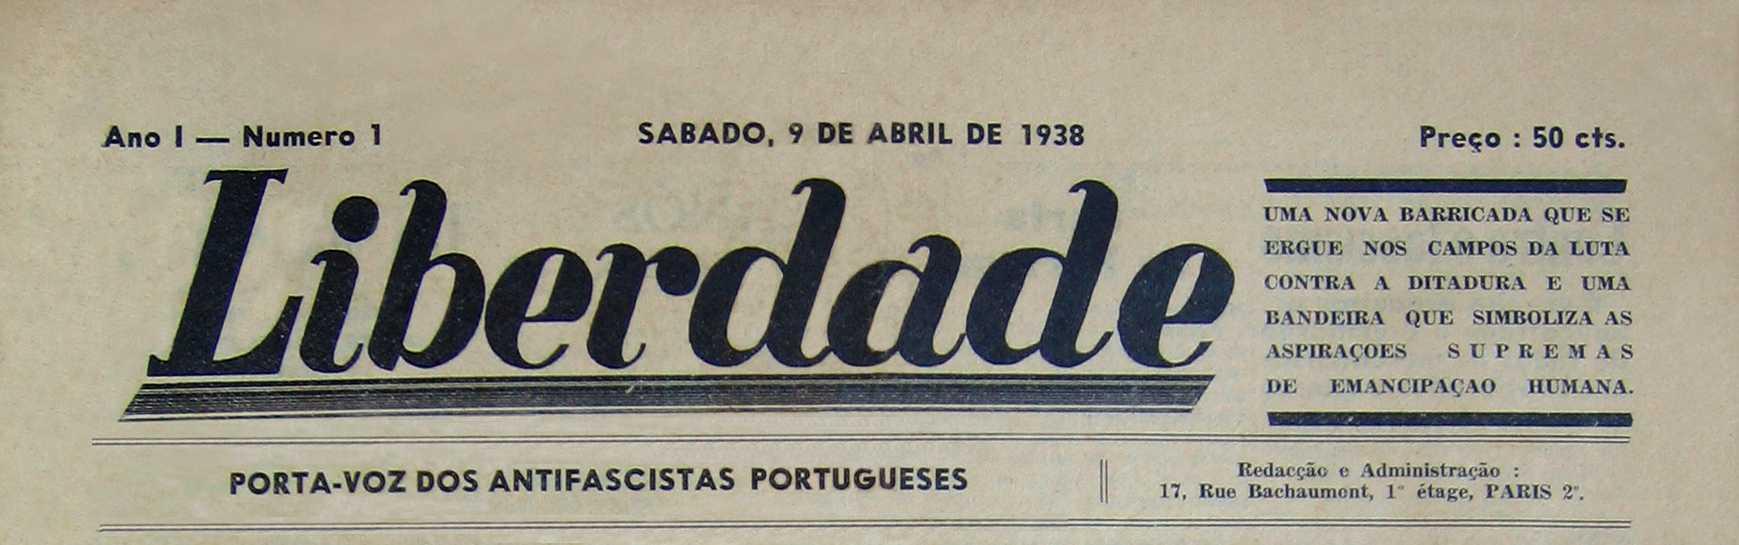 """Capçalera del primer número de """"Liberdade"""""""